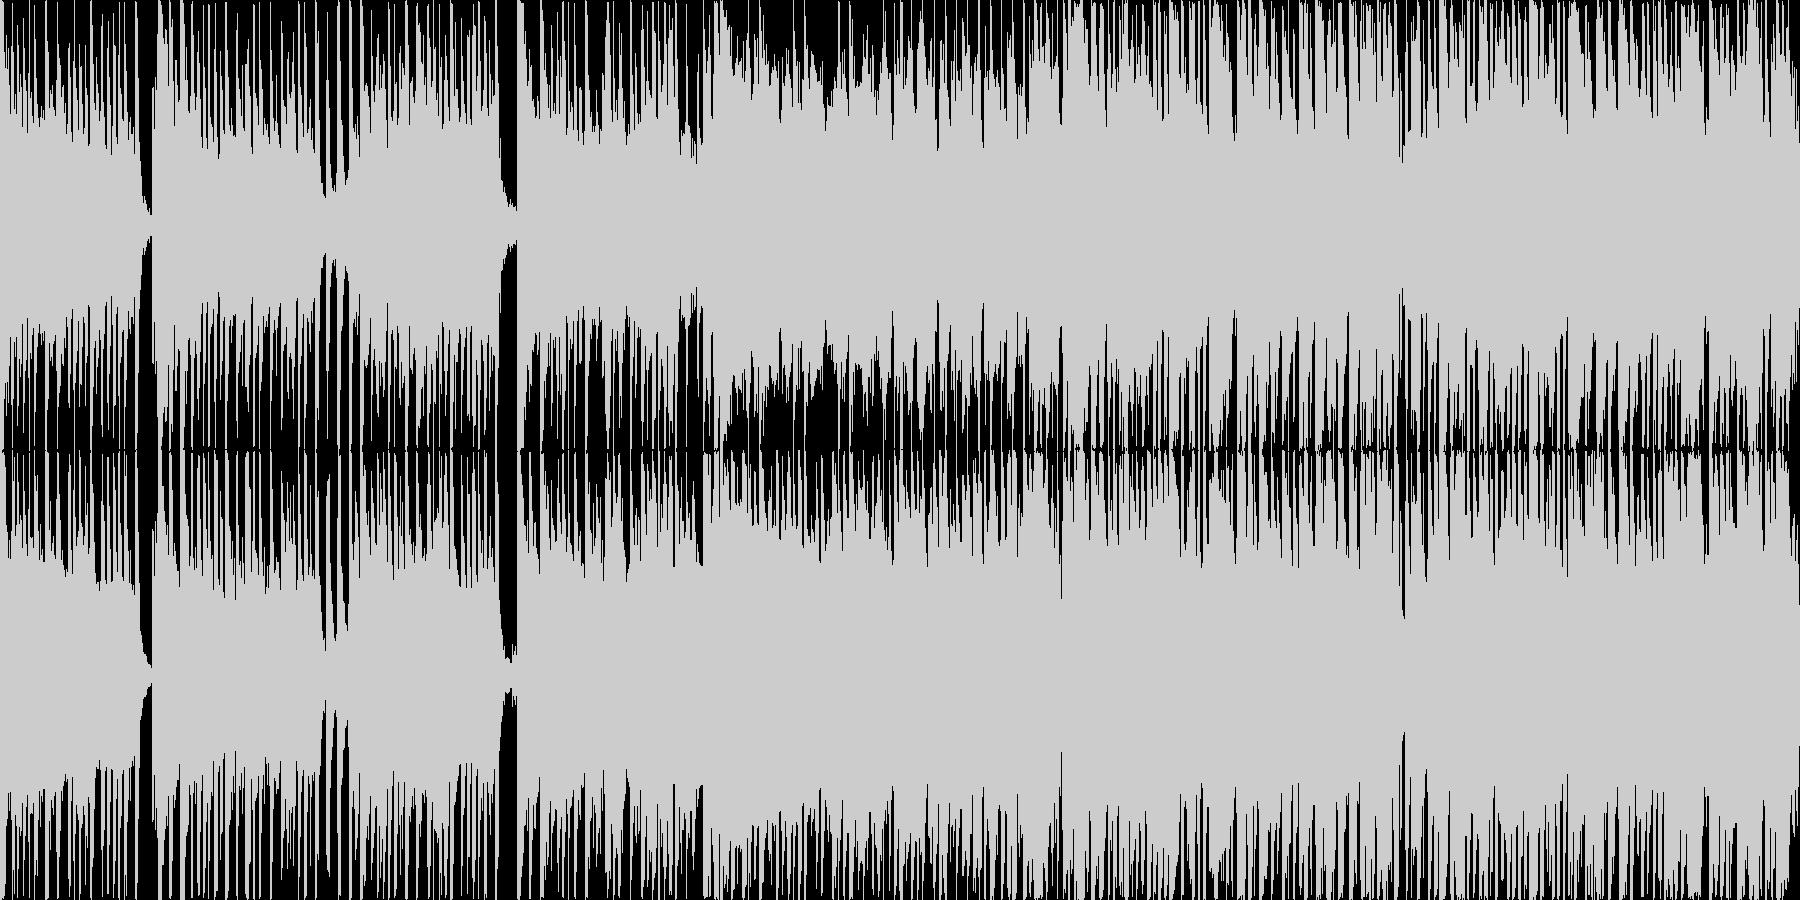 コミカルで楽しいリコーダーの可愛い日常曲の未再生の波形